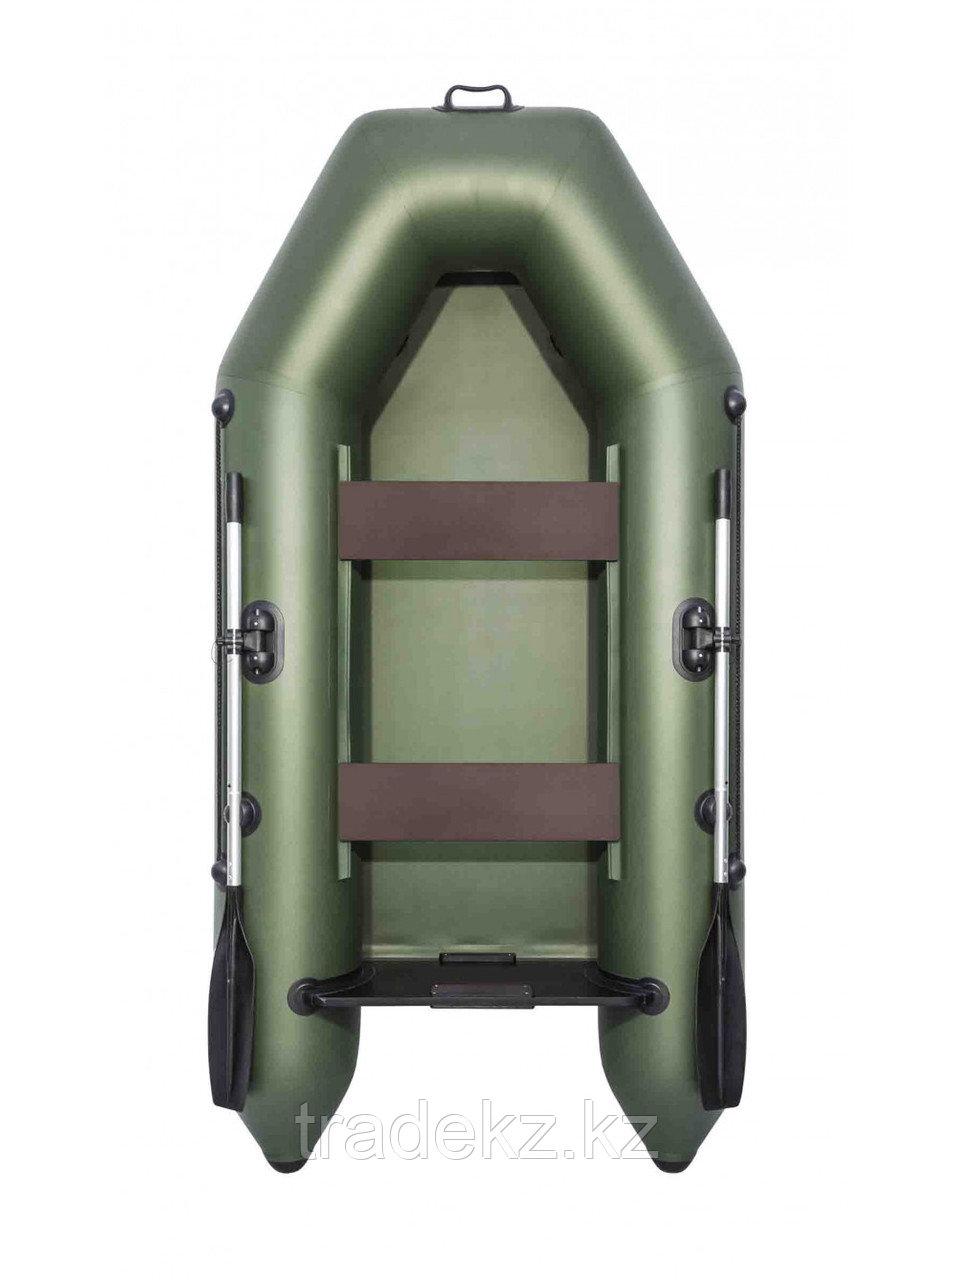 Лодка ПВХ АКВА 2600 зеленый